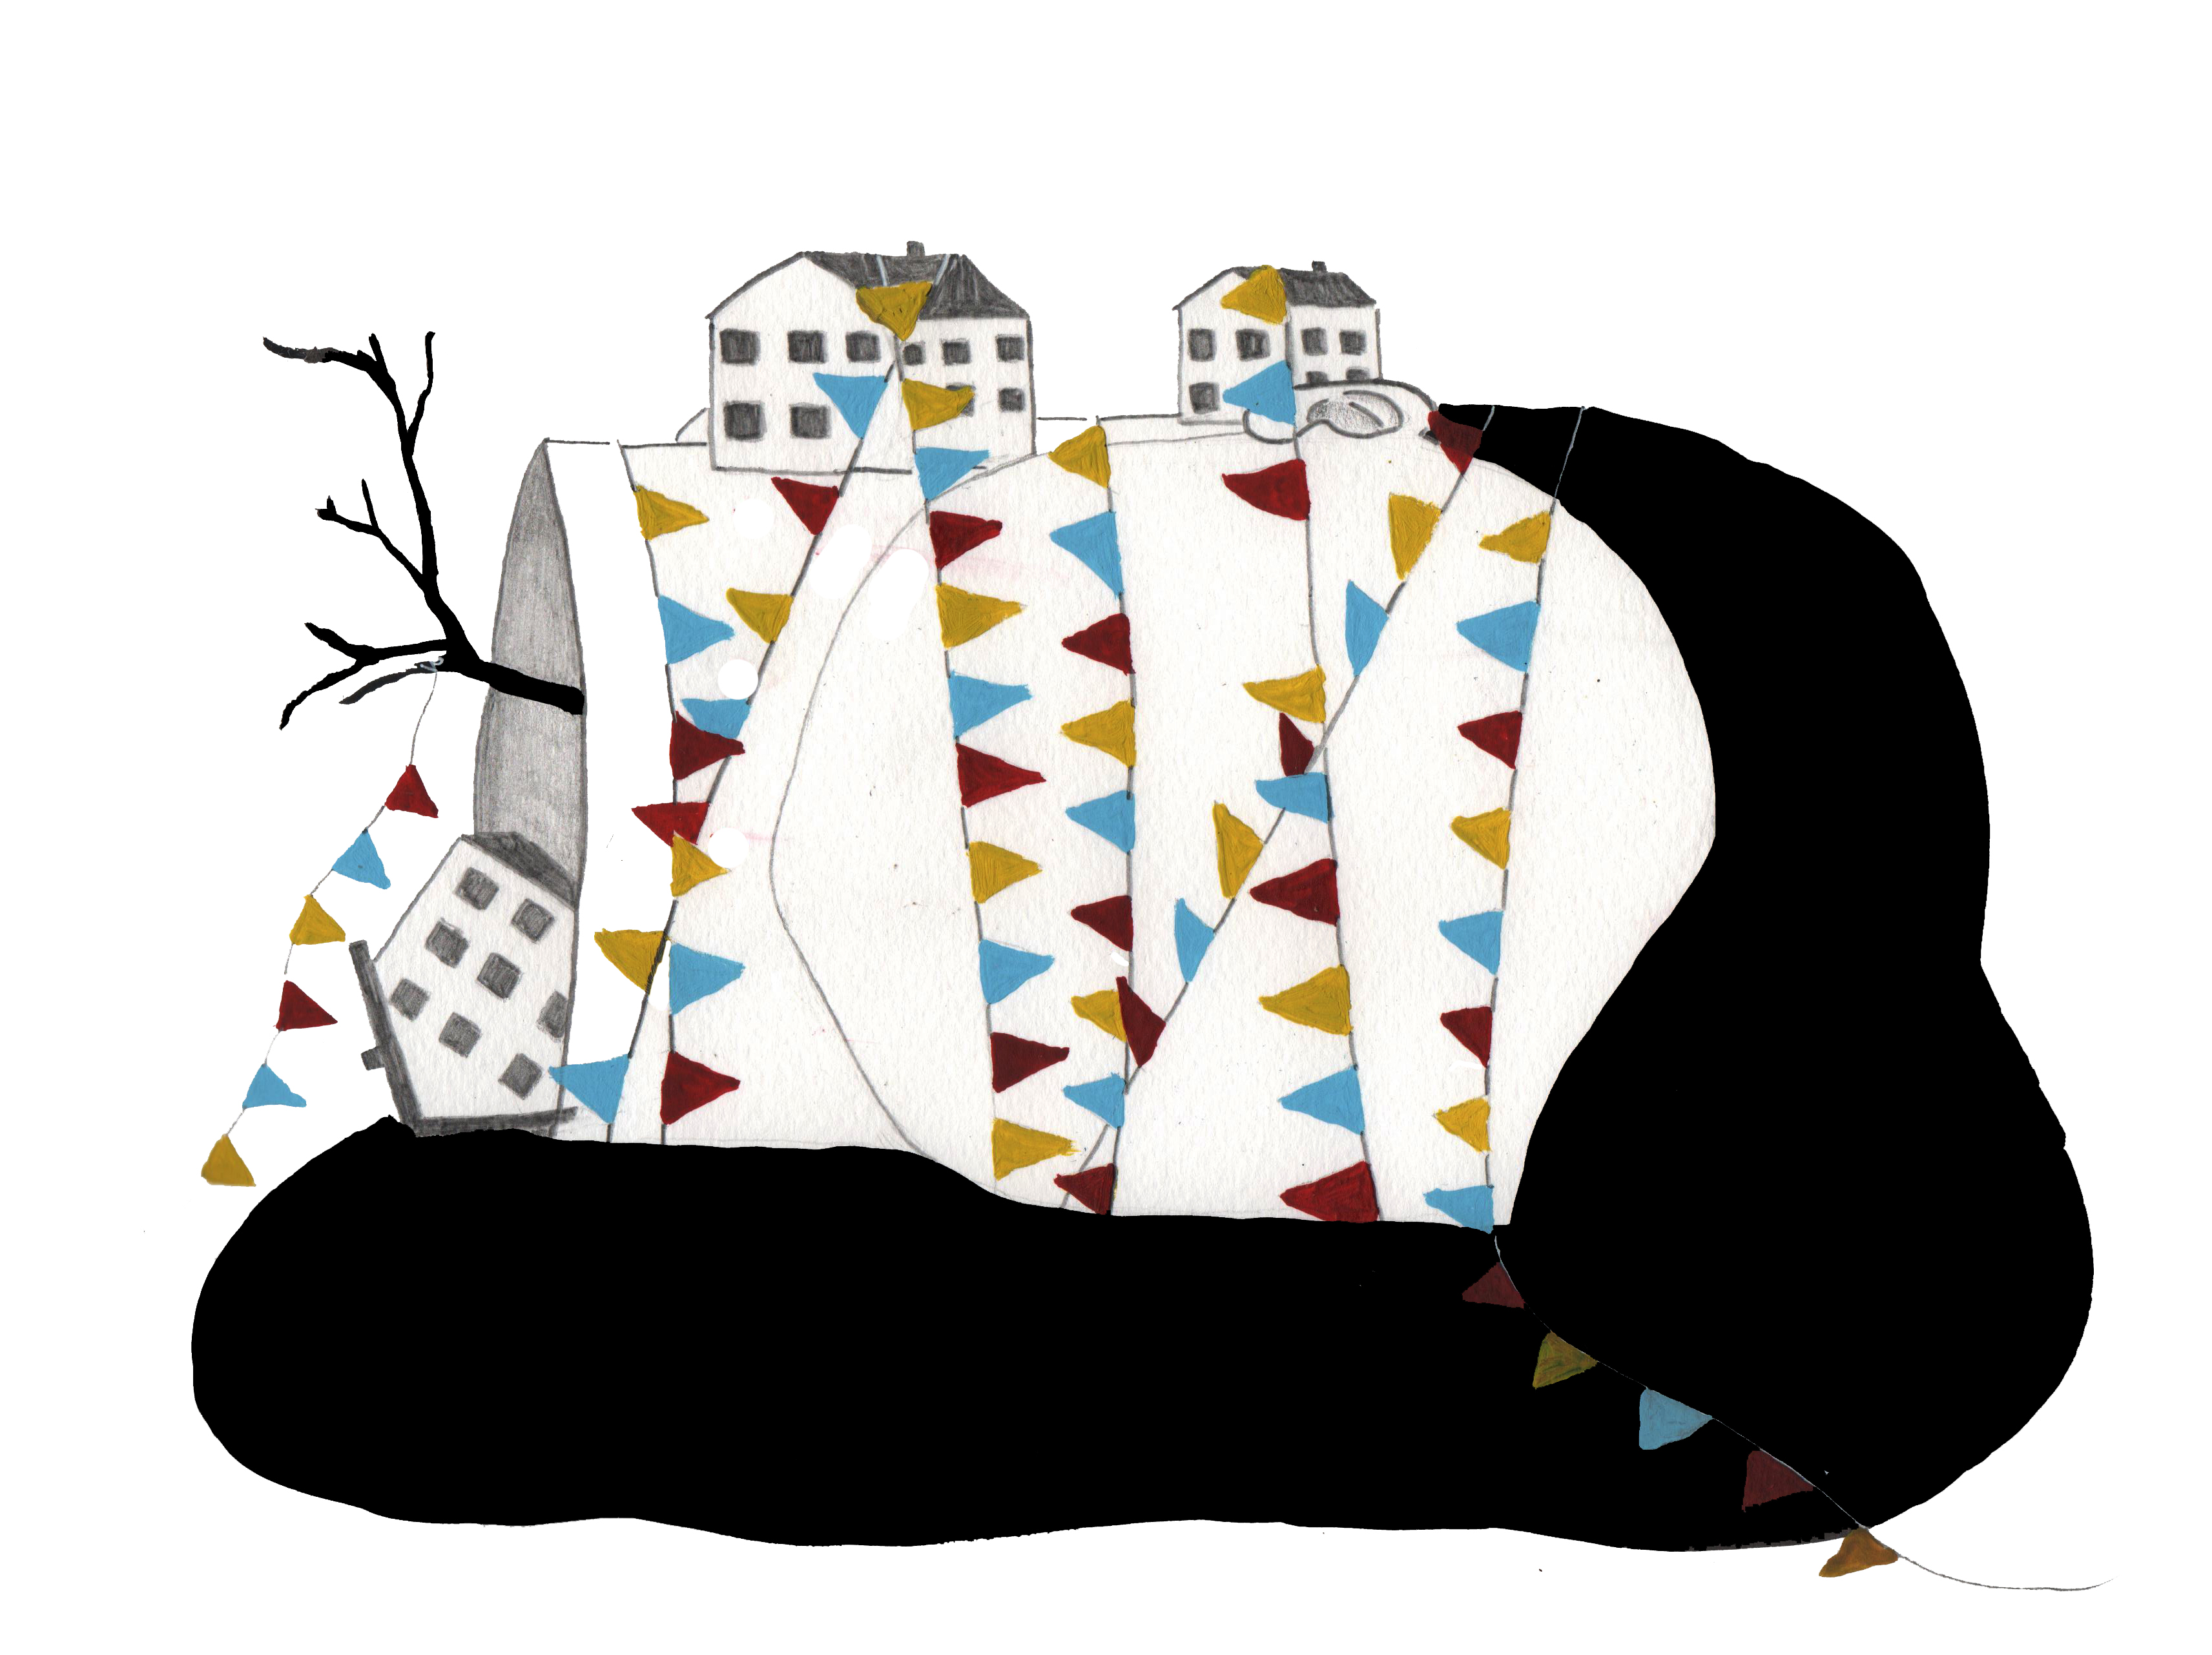 L'artista del mese – Pittura, illustrazione & street art – Kiki Skipi